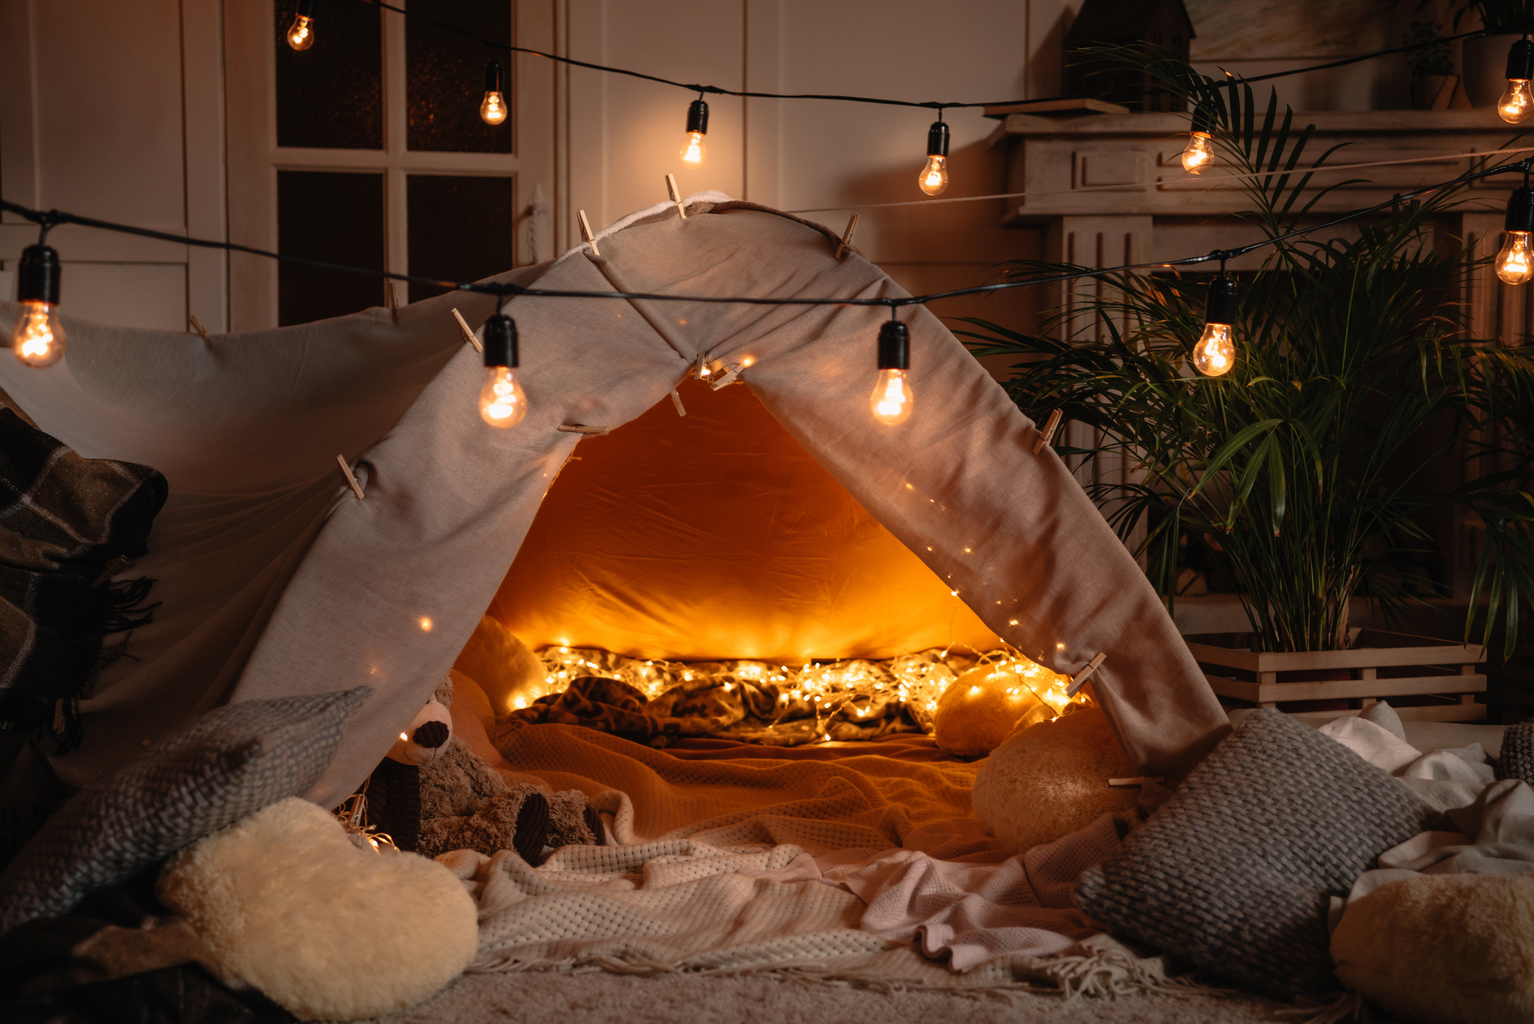 Indoor Activities For Kids, Build a Tent